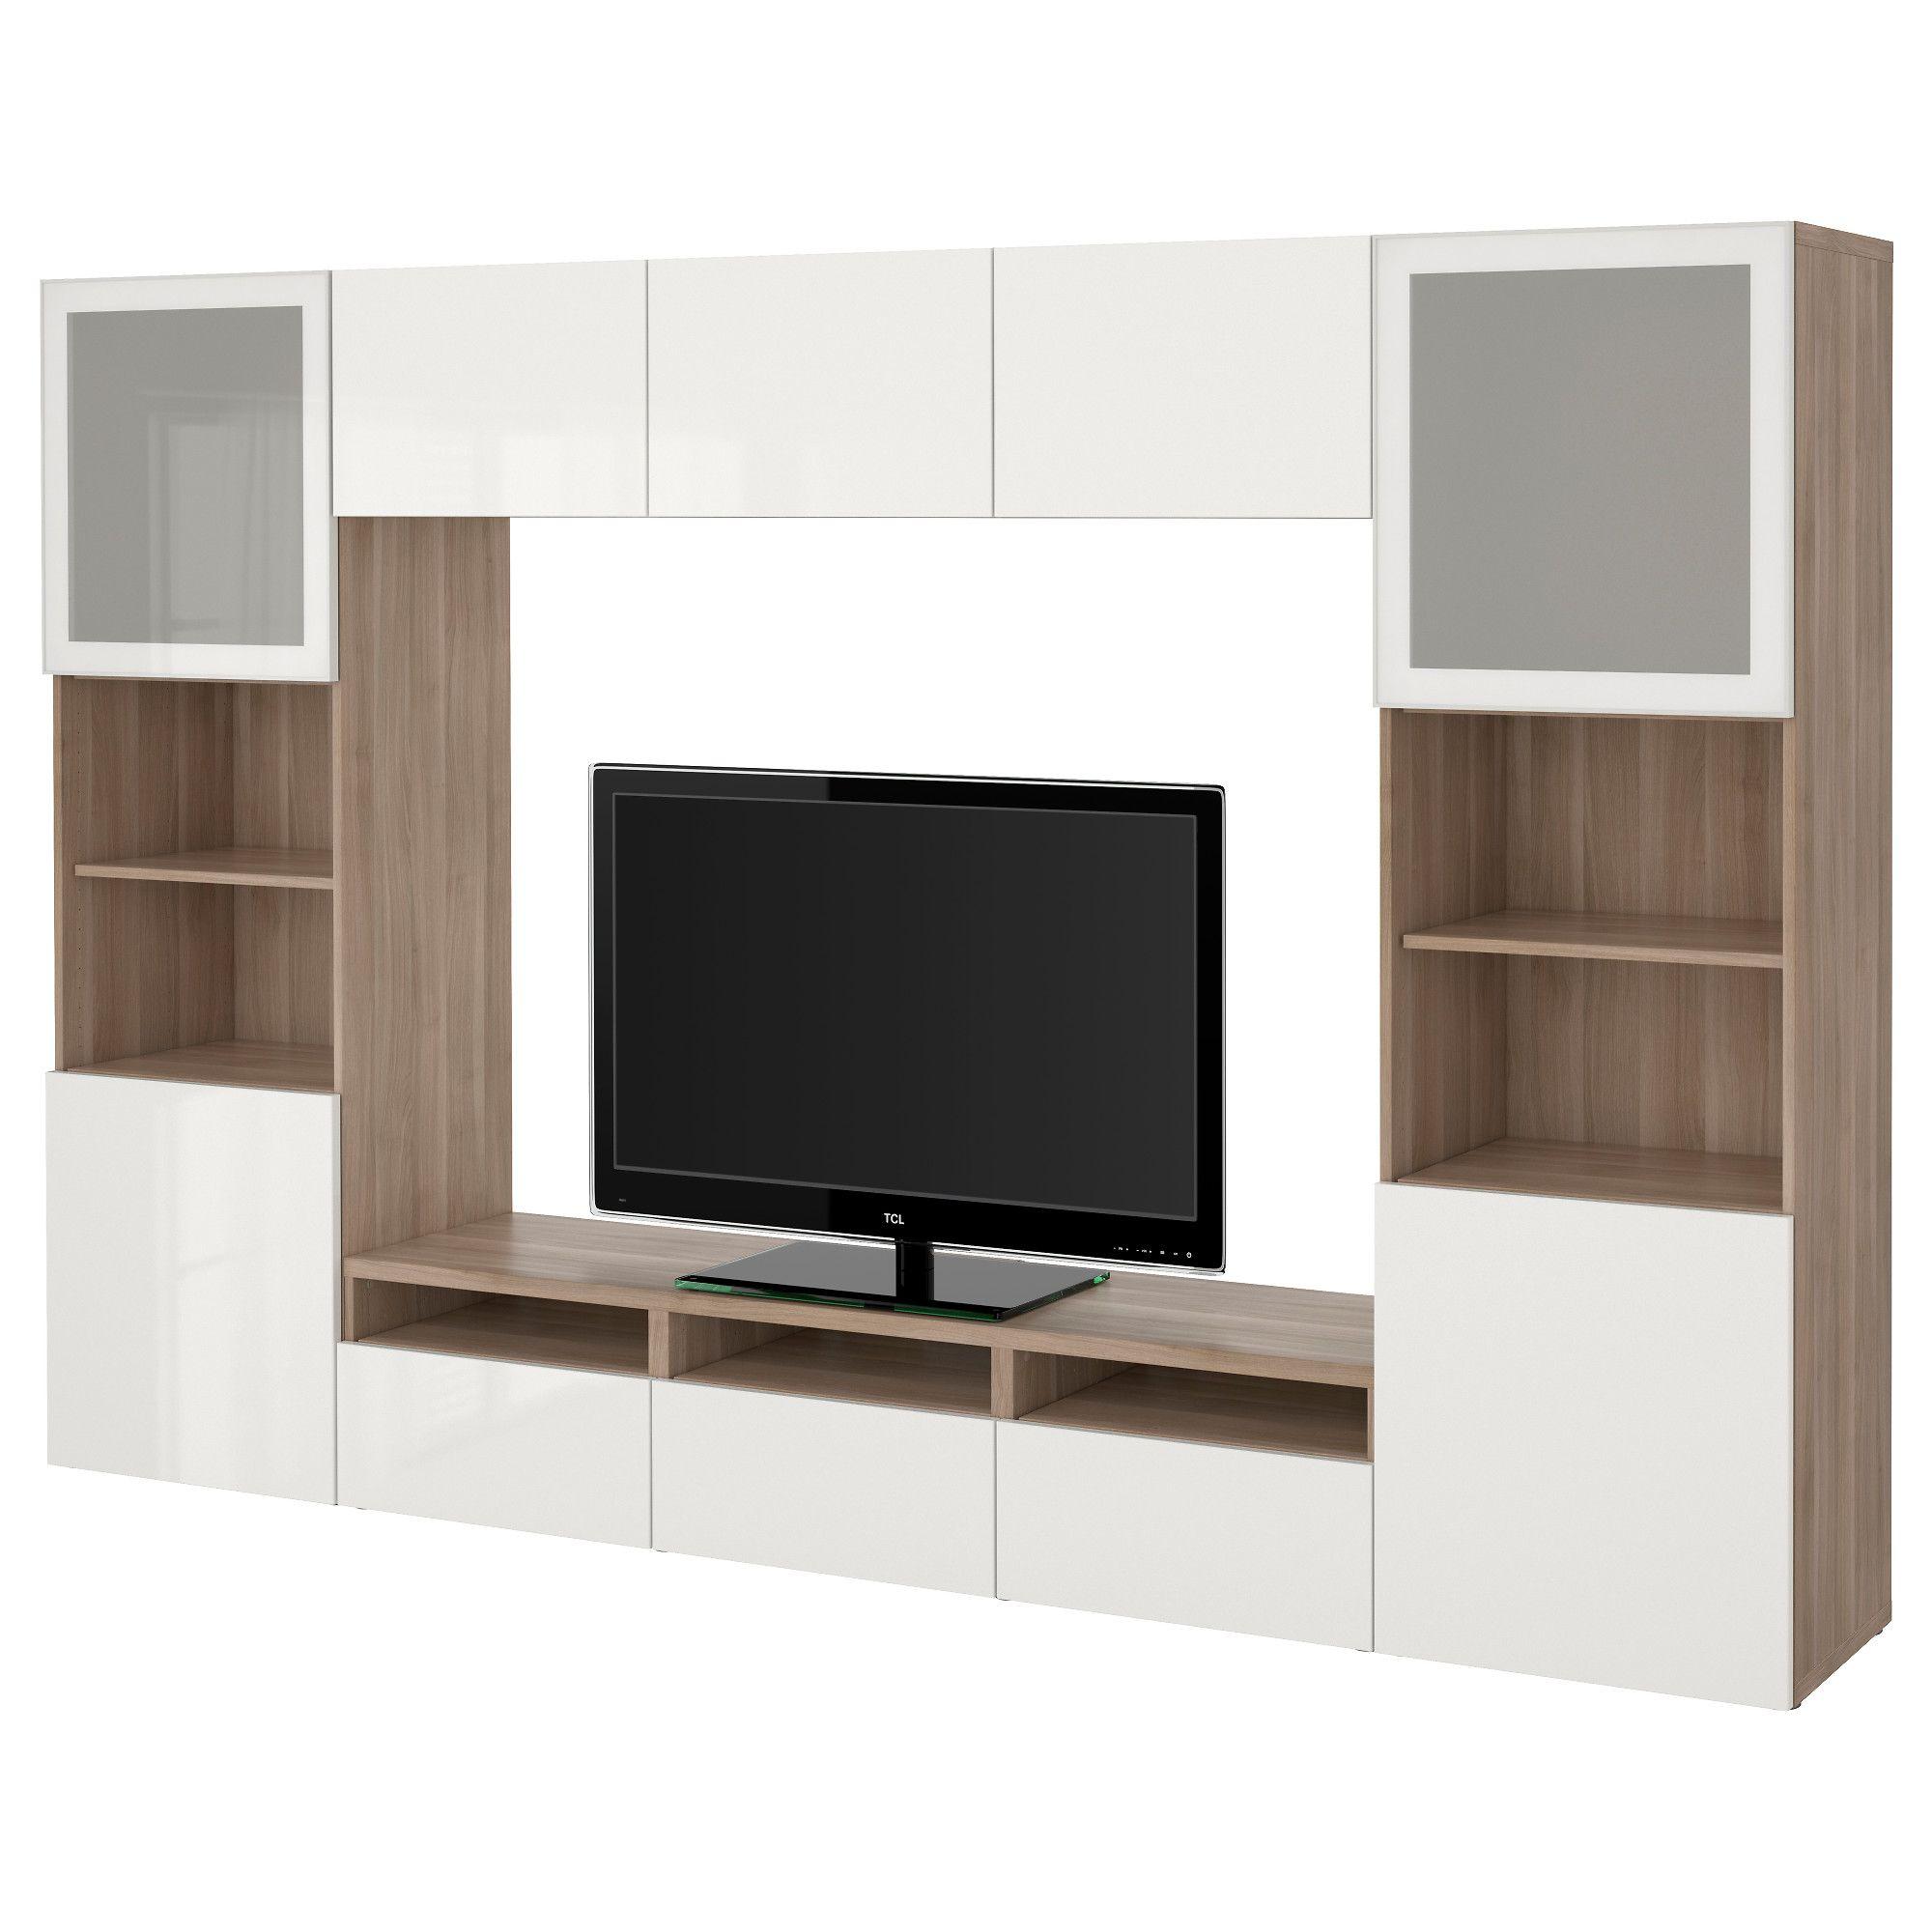 pin von ladendirekt auf tv hifi m bel pinterest tv w nde tv hifi m bel und hifi m bel. Black Bedroom Furniture Sets. Home Design Ideas